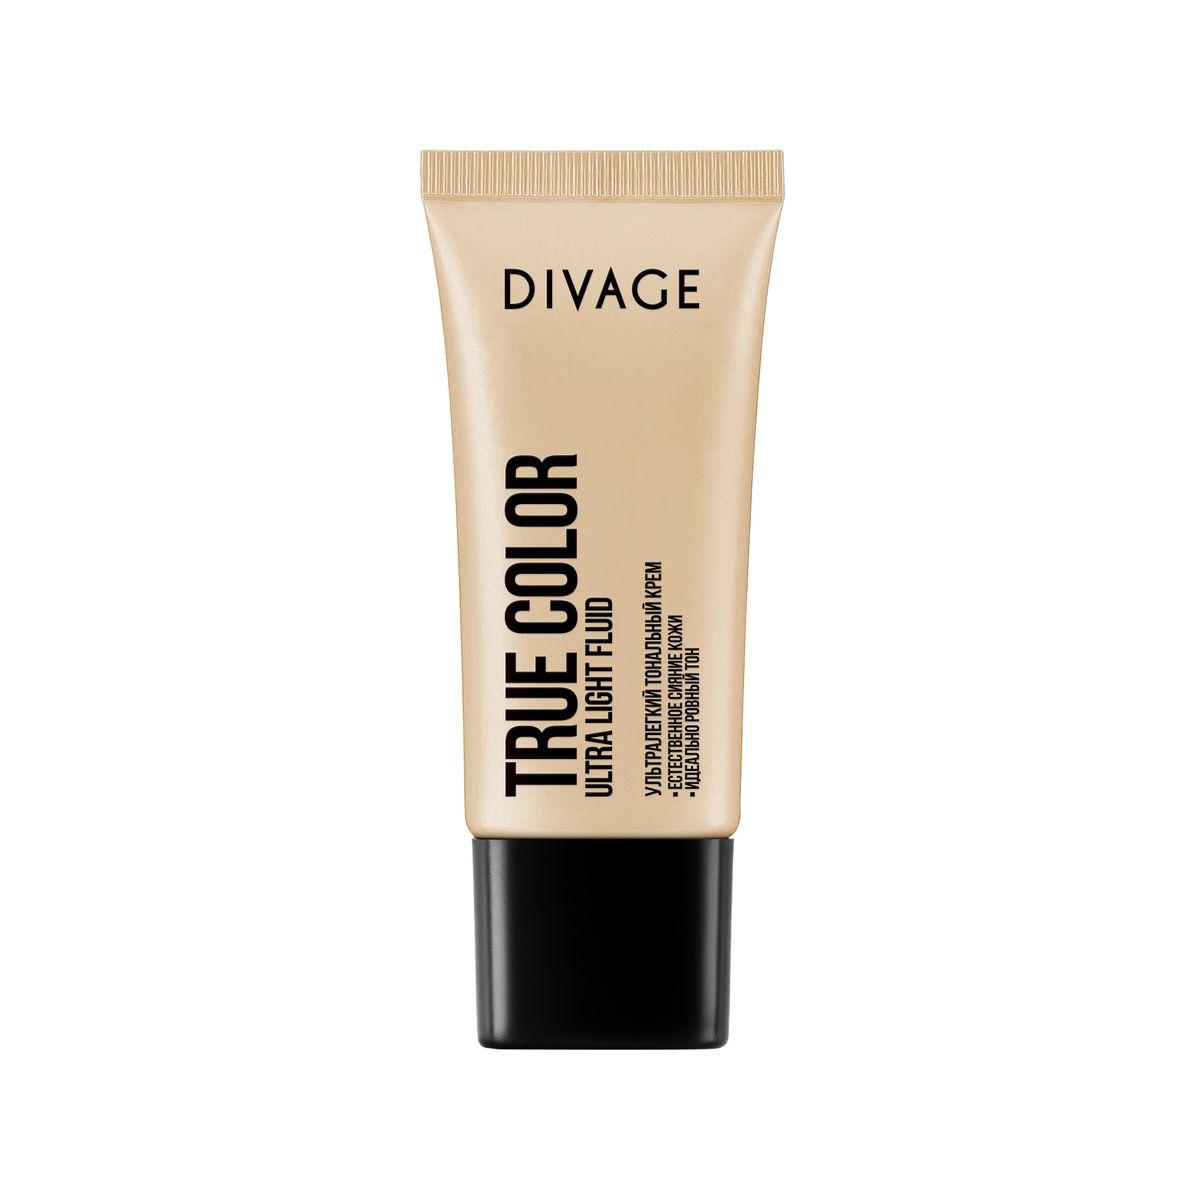 DIVAGE Тональный крем TRUE COLOR, тон № 02, 30 мл219586Невидимая и лёгкая тональная основа с прозрачной водянистой текстурой эффективно увлажняет и освежает кожу. Влага наполняет клетки и хорошо удерживается в поверхности кожи. Масло авокадо и витамины Е помогают клеткам кожи противостоять вредным воздействиям окружающей среды. Хорошо увлажнённая и защищённая кожа выглядит свежей, ухоженной и ровной без ощущения маски на лице.Красивая кожа лица - секрет идеального макияжа и залог твоего хорошего настроения, поэтому выбору тонального крема стоит уделить особое внимание! Выбирай тональный крем в соответствии с твоим типом кожи. Наносить тональный крем лучше от центра лица, двигаясь к периферии. Ты можешь выбрать для нанесения любой способ. Влажный спонж обеспечит максимально тонкий и равномерный слой тонального средства, кистью лучше получится выполнить более плотное покрытие, а нанесение пальчиками подарит естественный эффект. Совершенство возможно с DIVAGE!